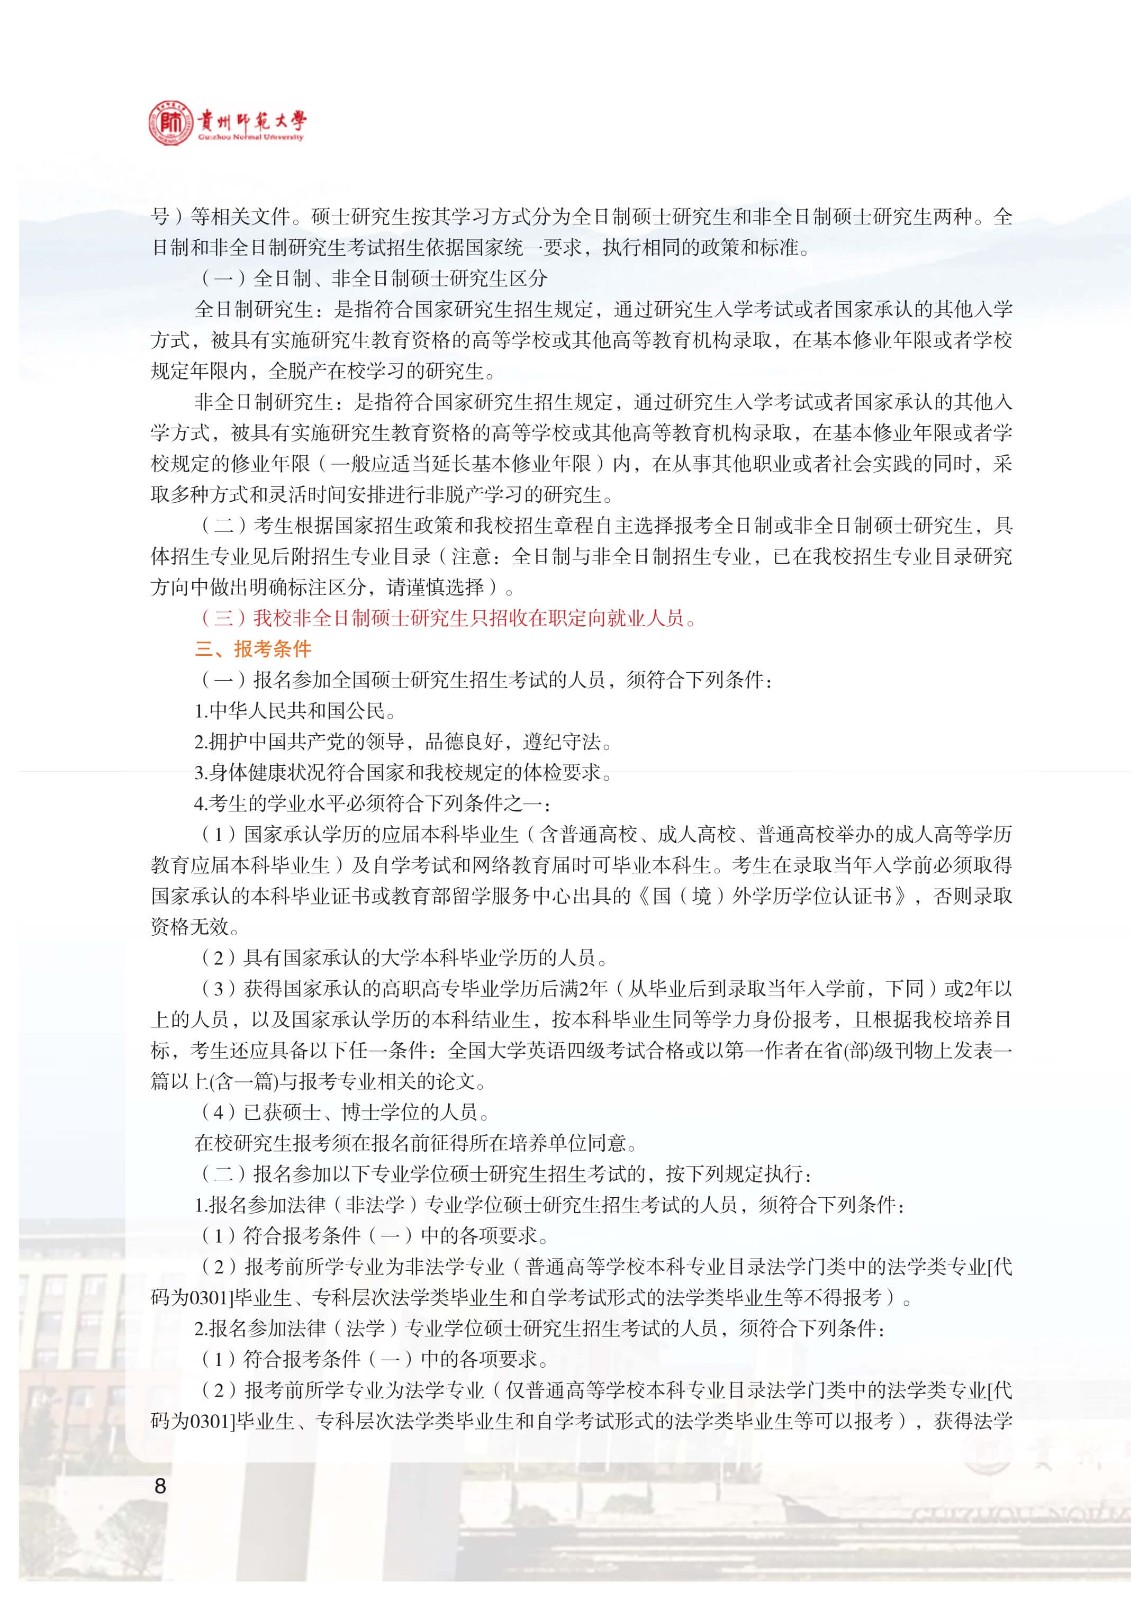 2022年贵州师范大学(全国统考)全日制、非全日制硕士研究生招生章程